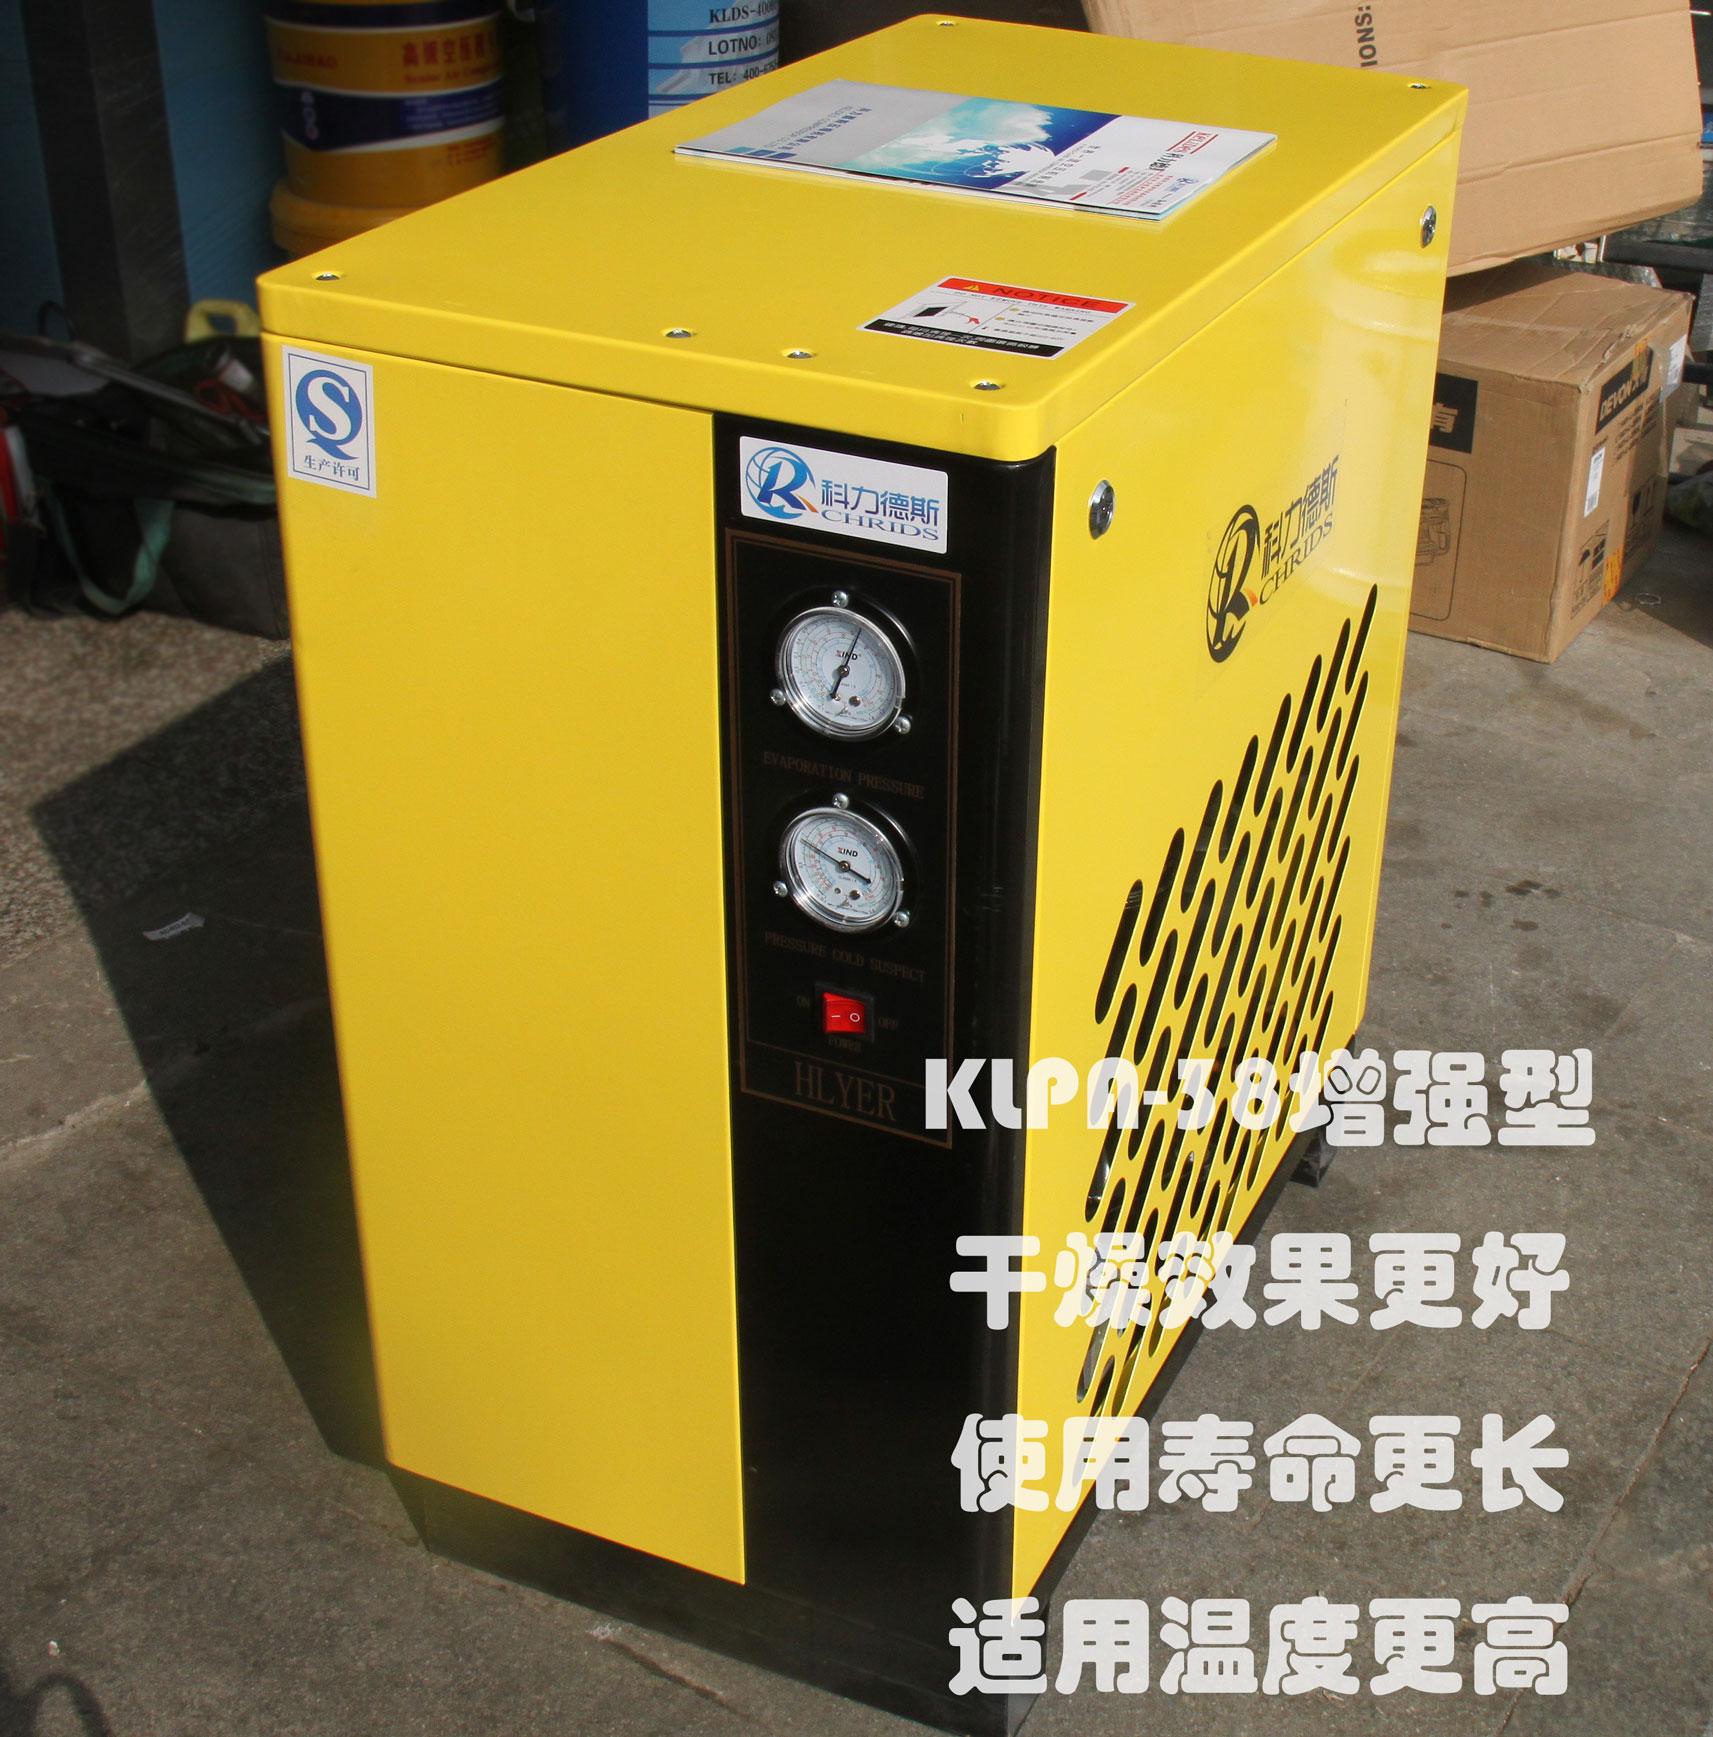 加强型冷冻式干燥机 3.8立方 适用于15kw-22kw空压机 新品促销